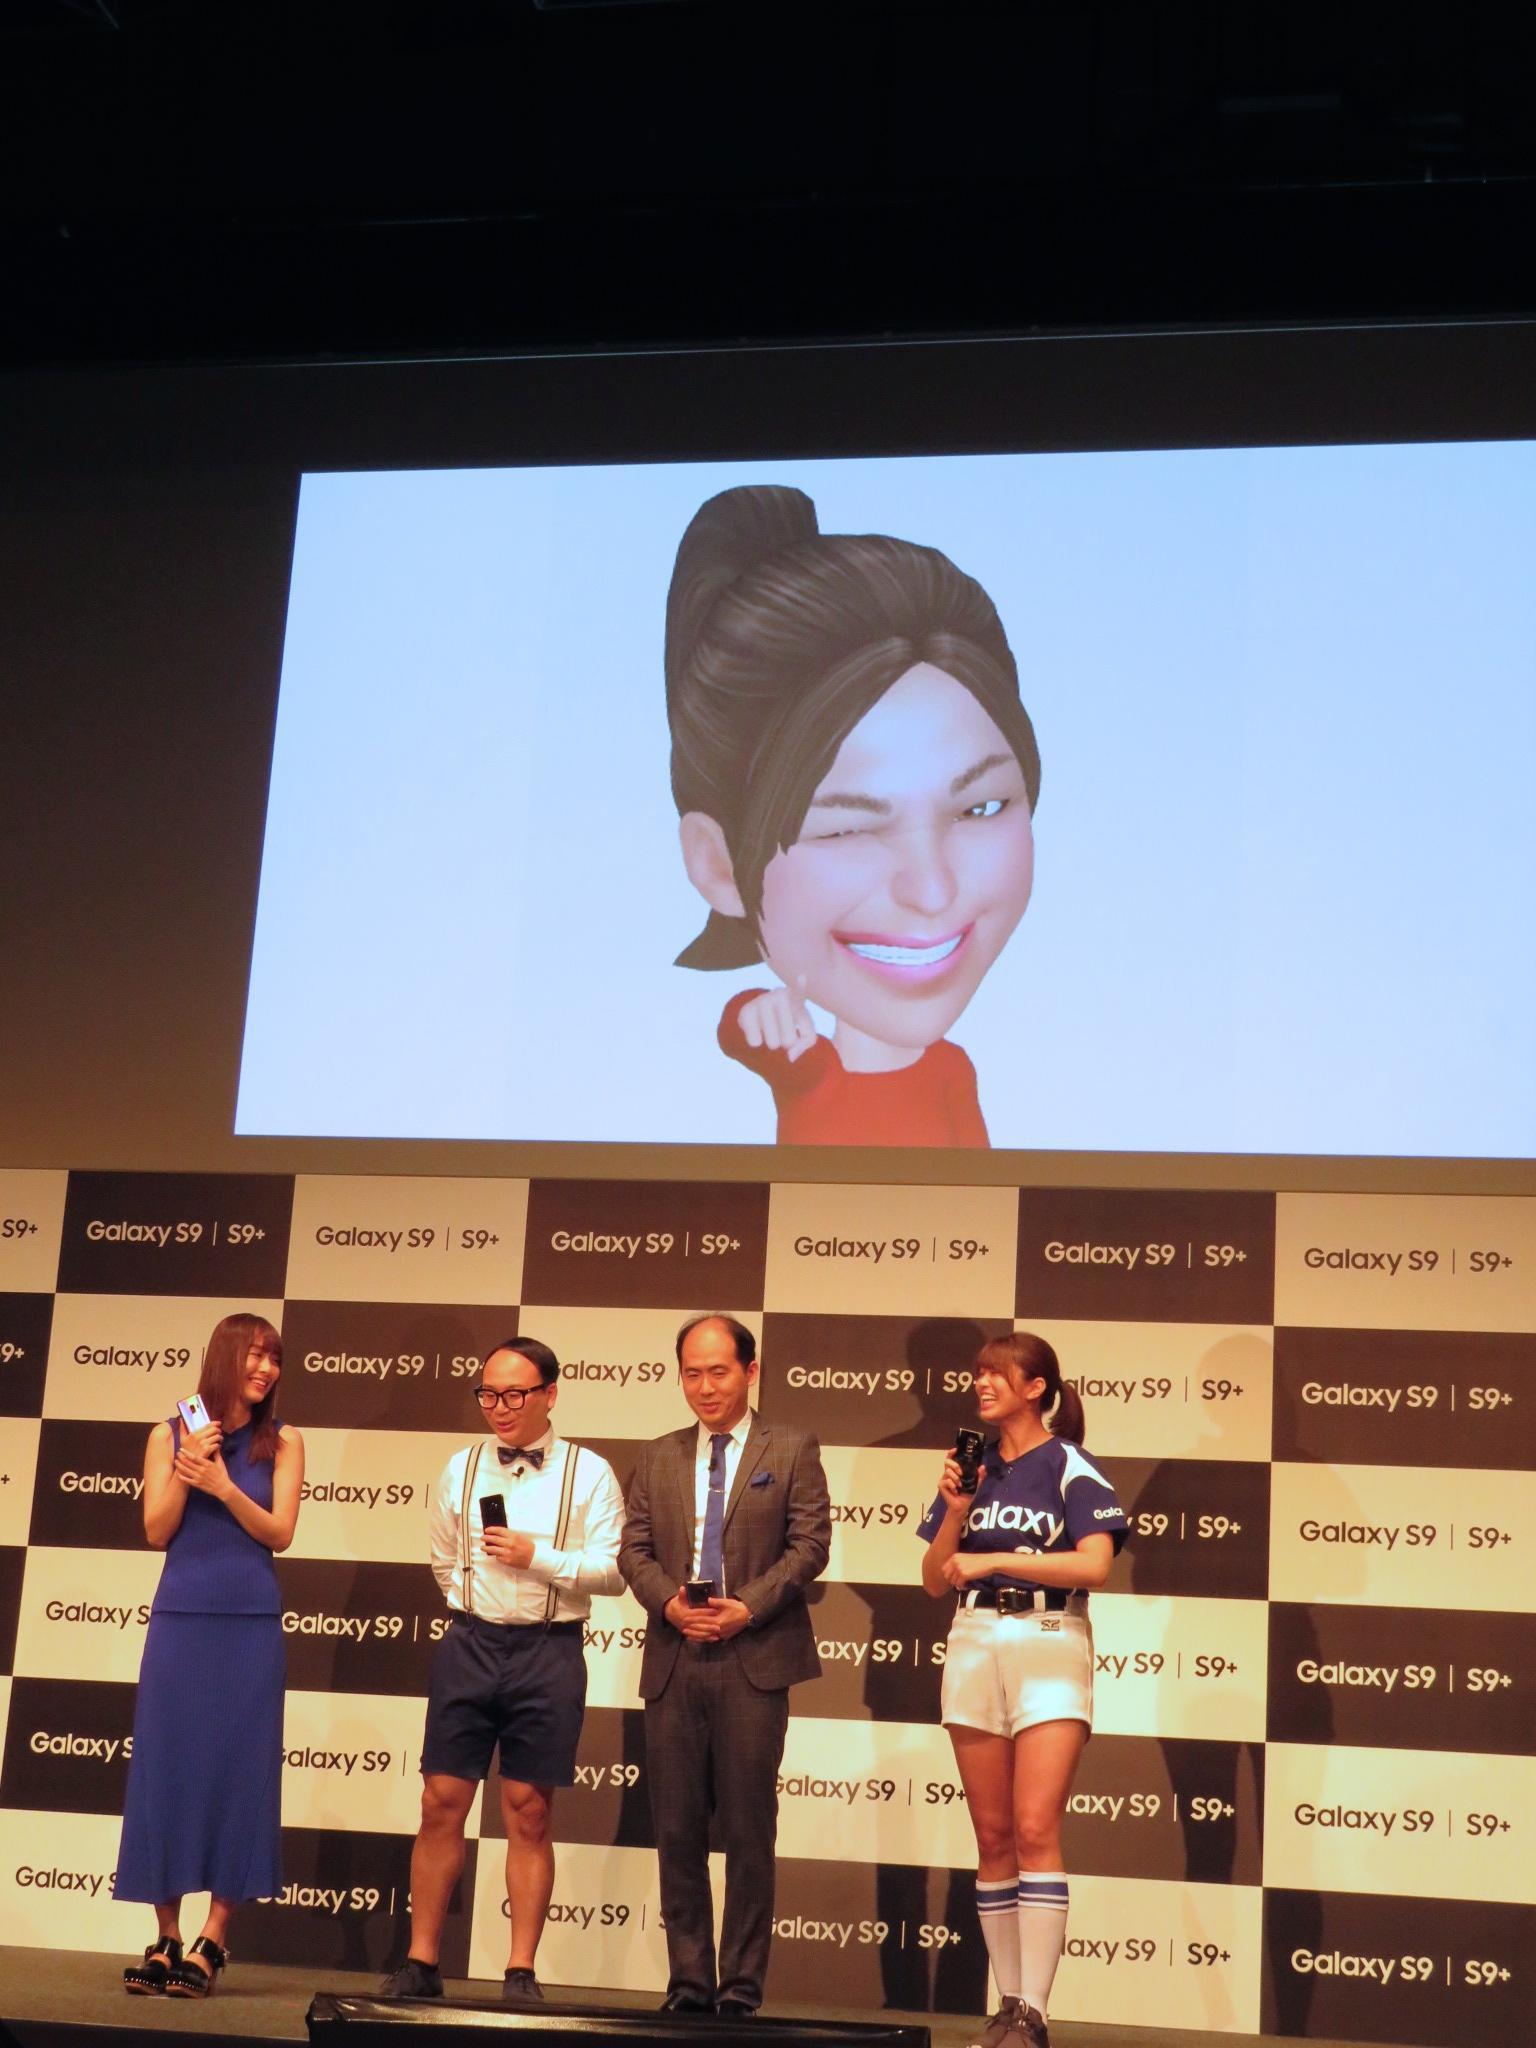 http://news.yoshimoto.co.jp/20180517175206-922cb59ab624d925fbad7bfc23ccdb46252d717d.jpg